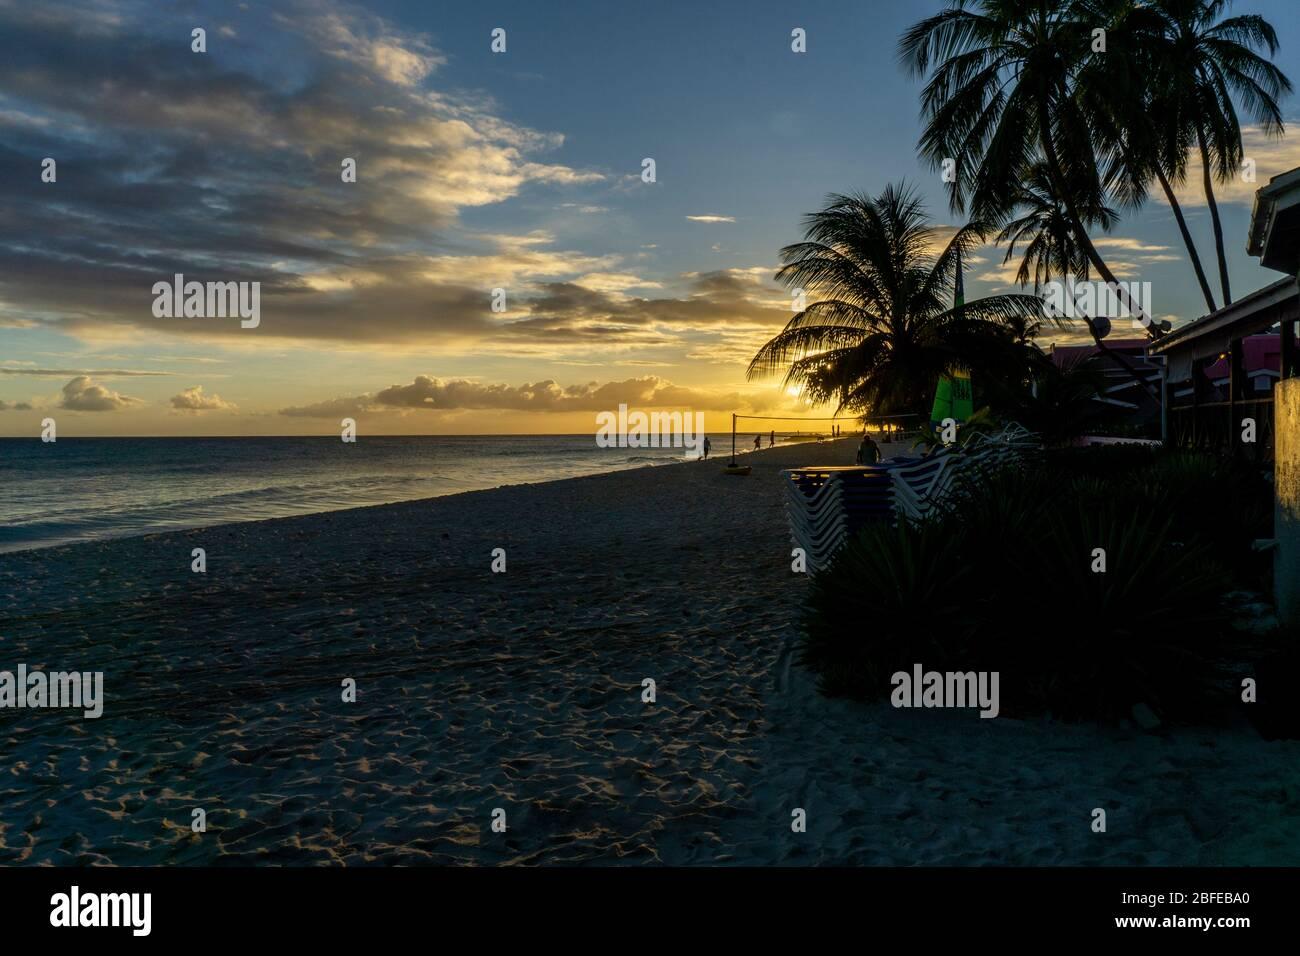 Tramonto a Dover Beach, St. Lawrence Gap, costa sud di Barbados, dei Caraibi. Foto Stock